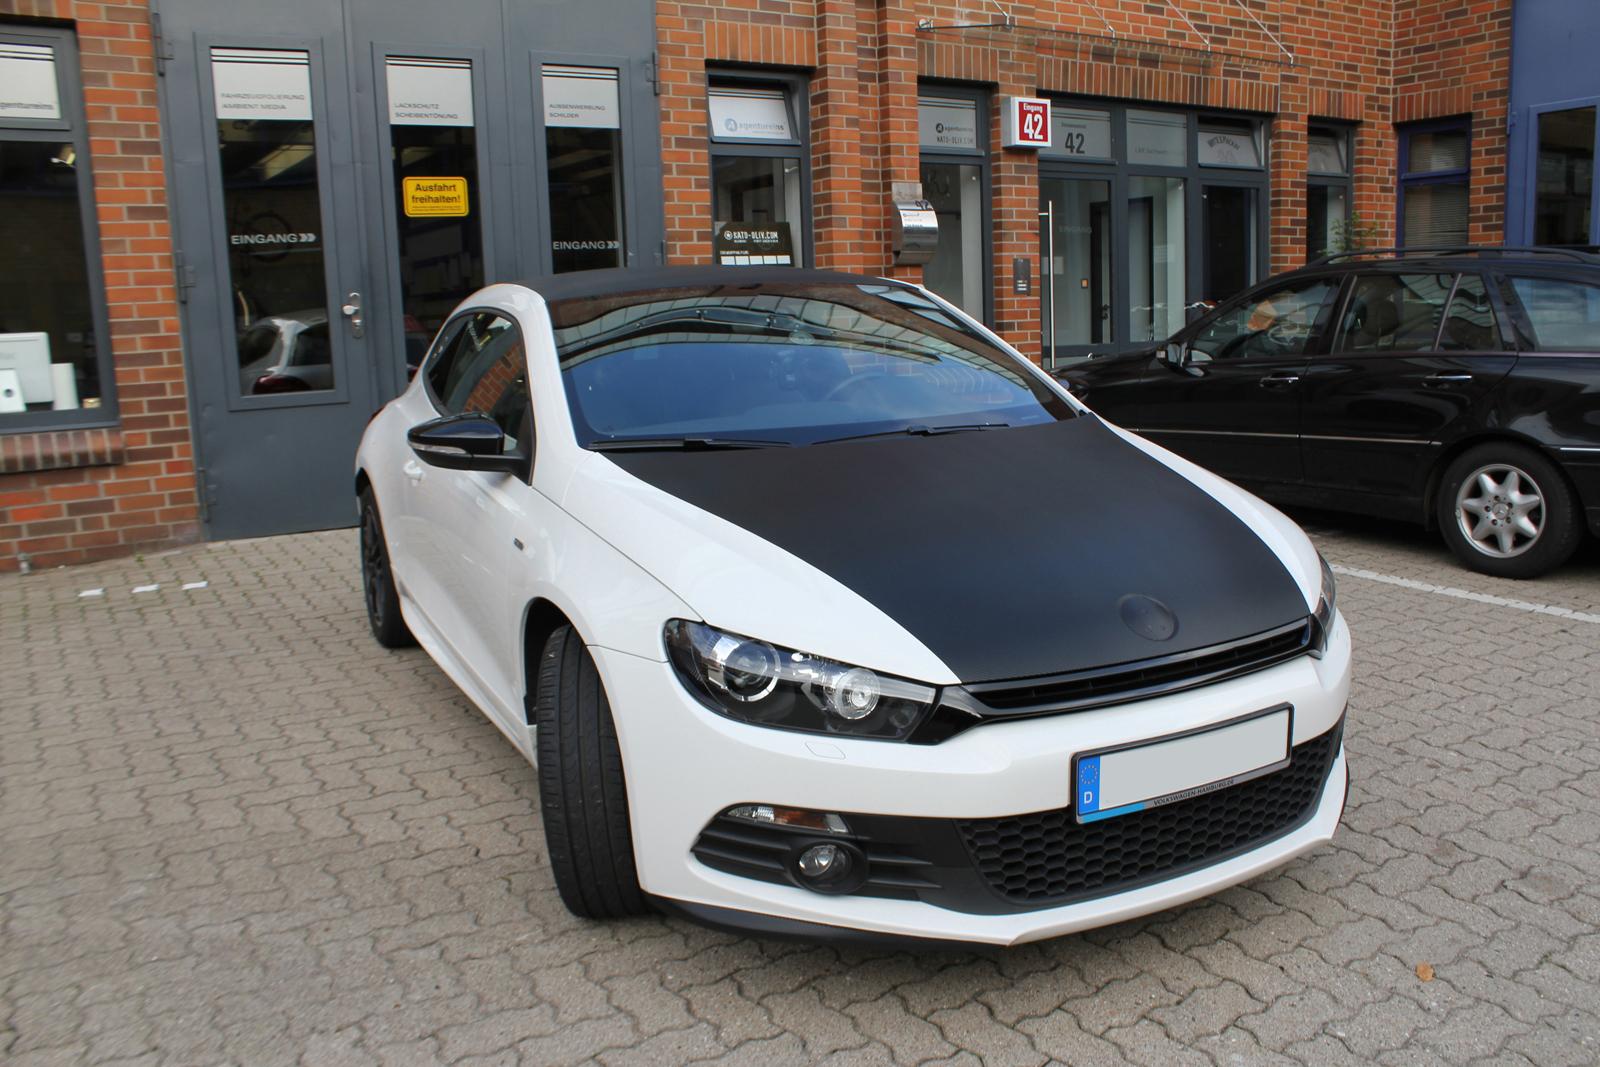 schraege Frontalansicht des VW Scirocco mit Carbon-Teilfolierung auf Dach und Haube